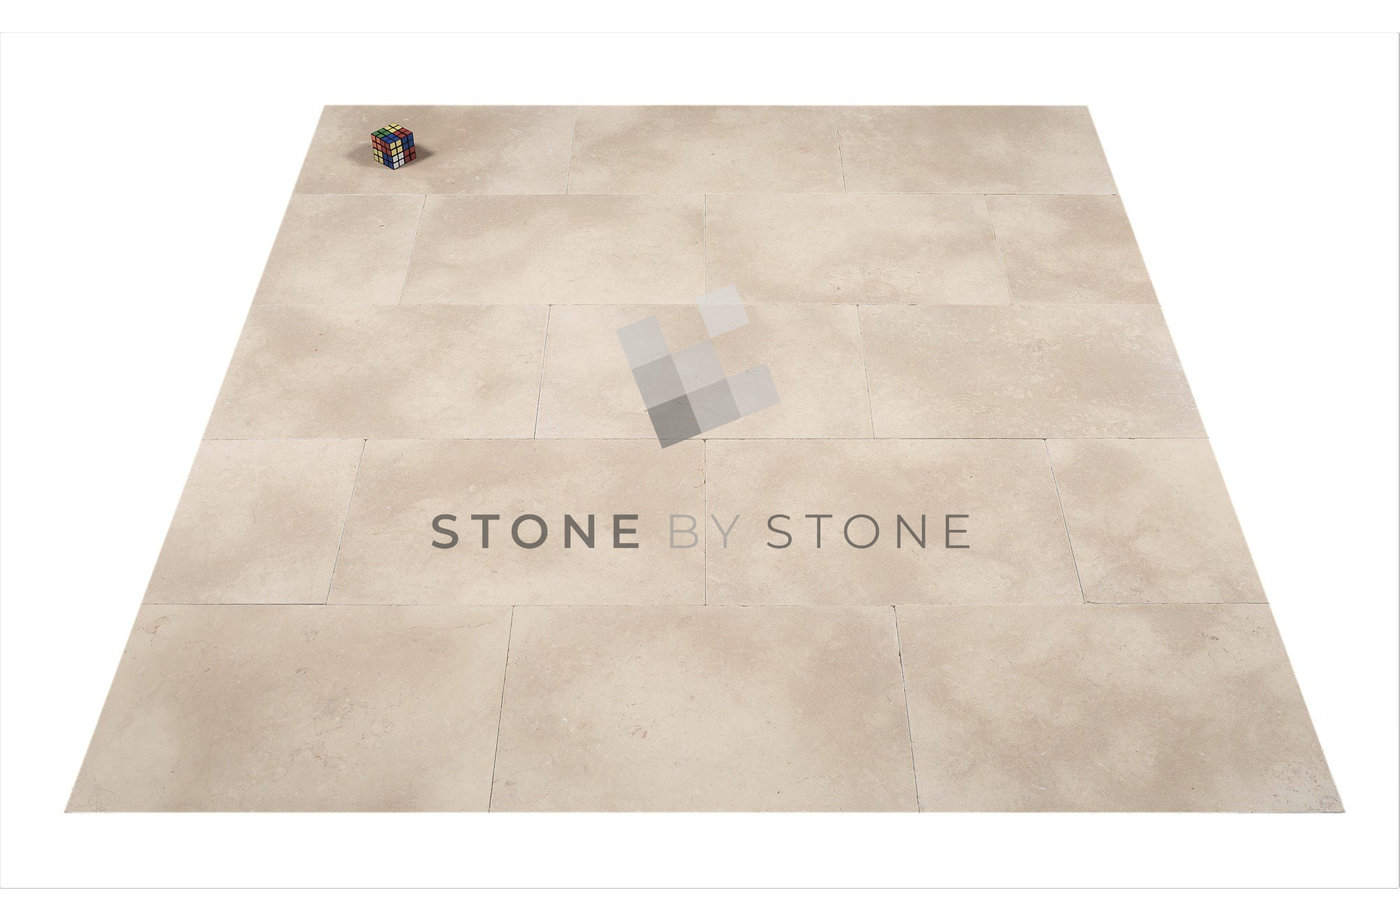 Dallage en Marbre Sinaï Pearl - Vieilli - Beige Cendré - 40x60/1,5cm